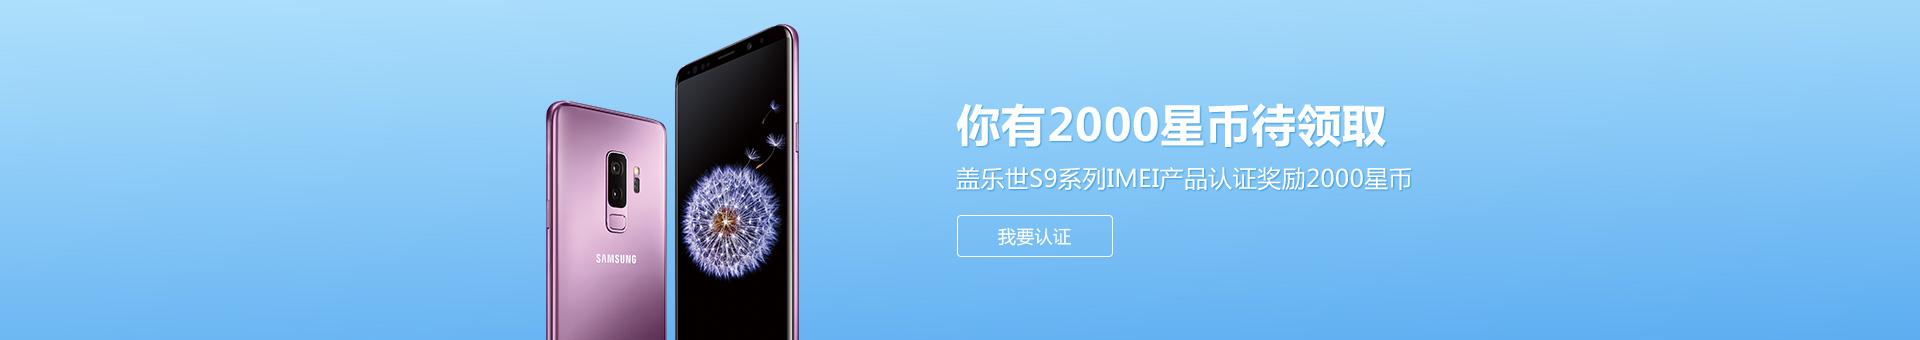 认证盖乐世S9系列IMEI码奖励2000星币